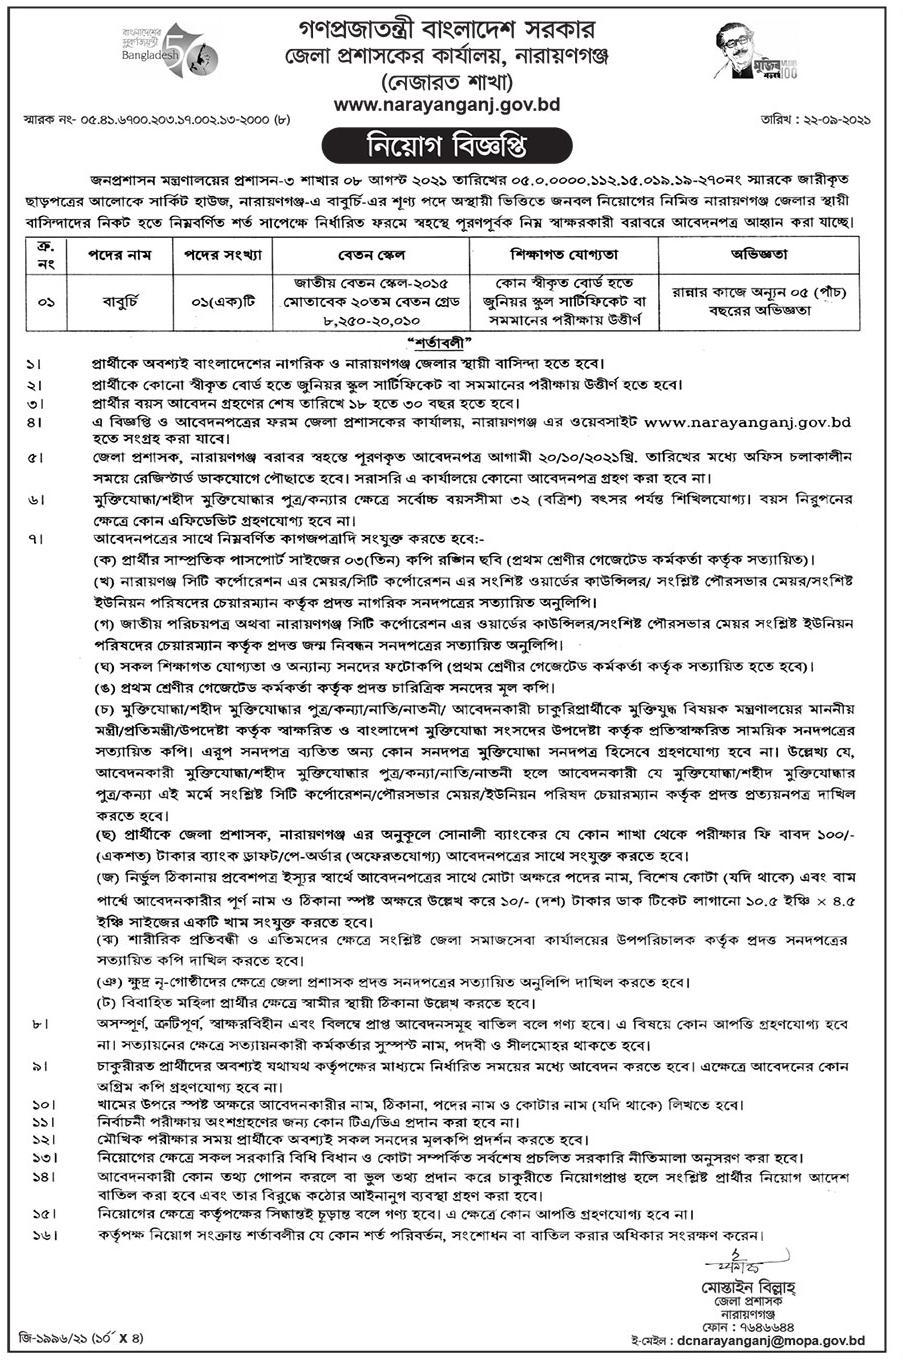 Narayanganj DC Office Job Circular 2021